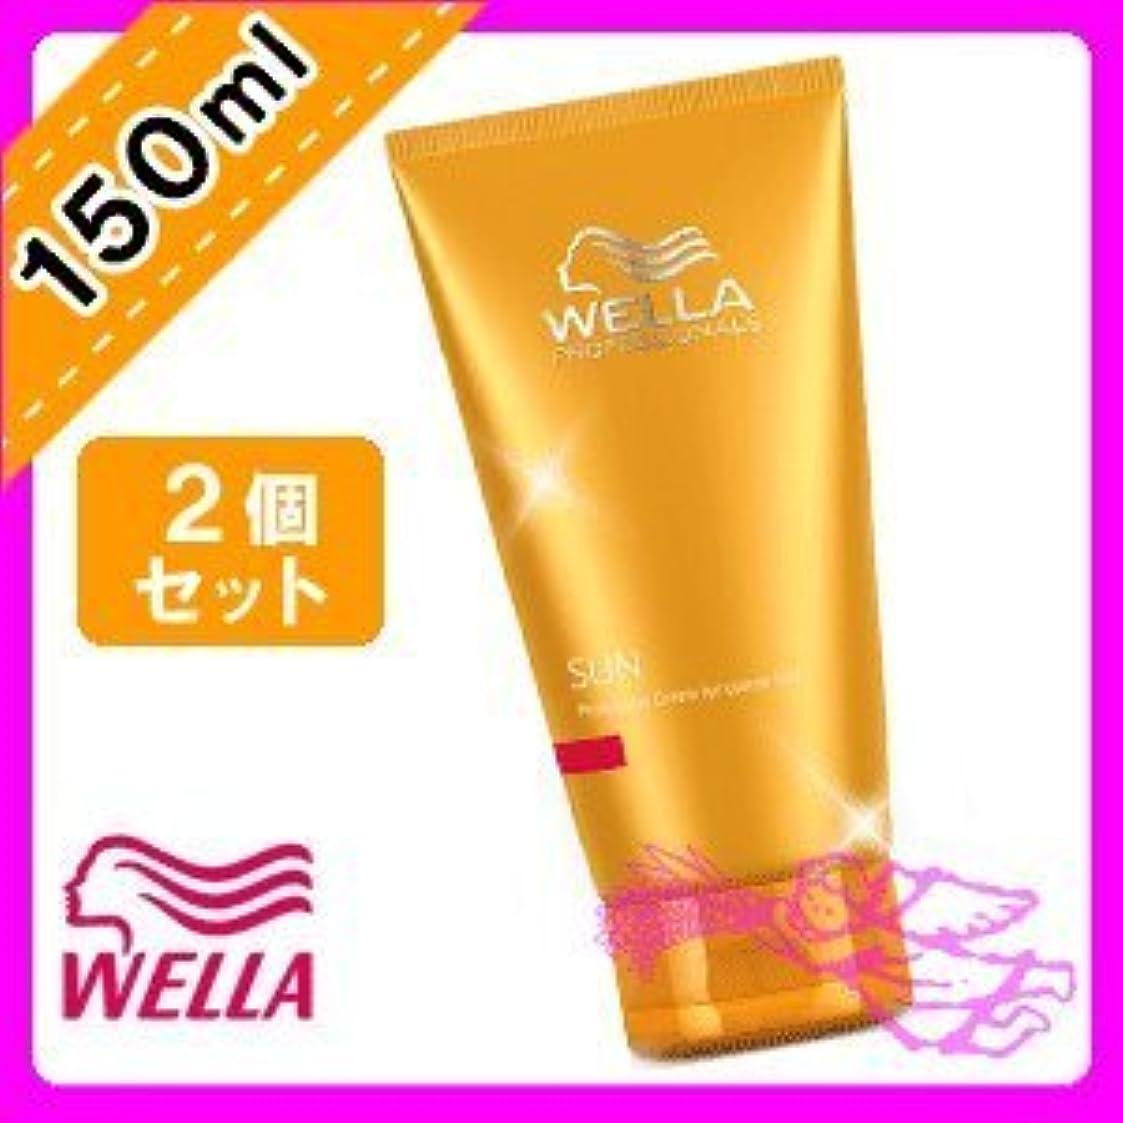 仲良し慣習高齢者ウエラ プロフェッショナルケア サン プロテクションクリーム <150mL×2個セット> WELLA PROFESSIONALCARE UV 紫外線防止